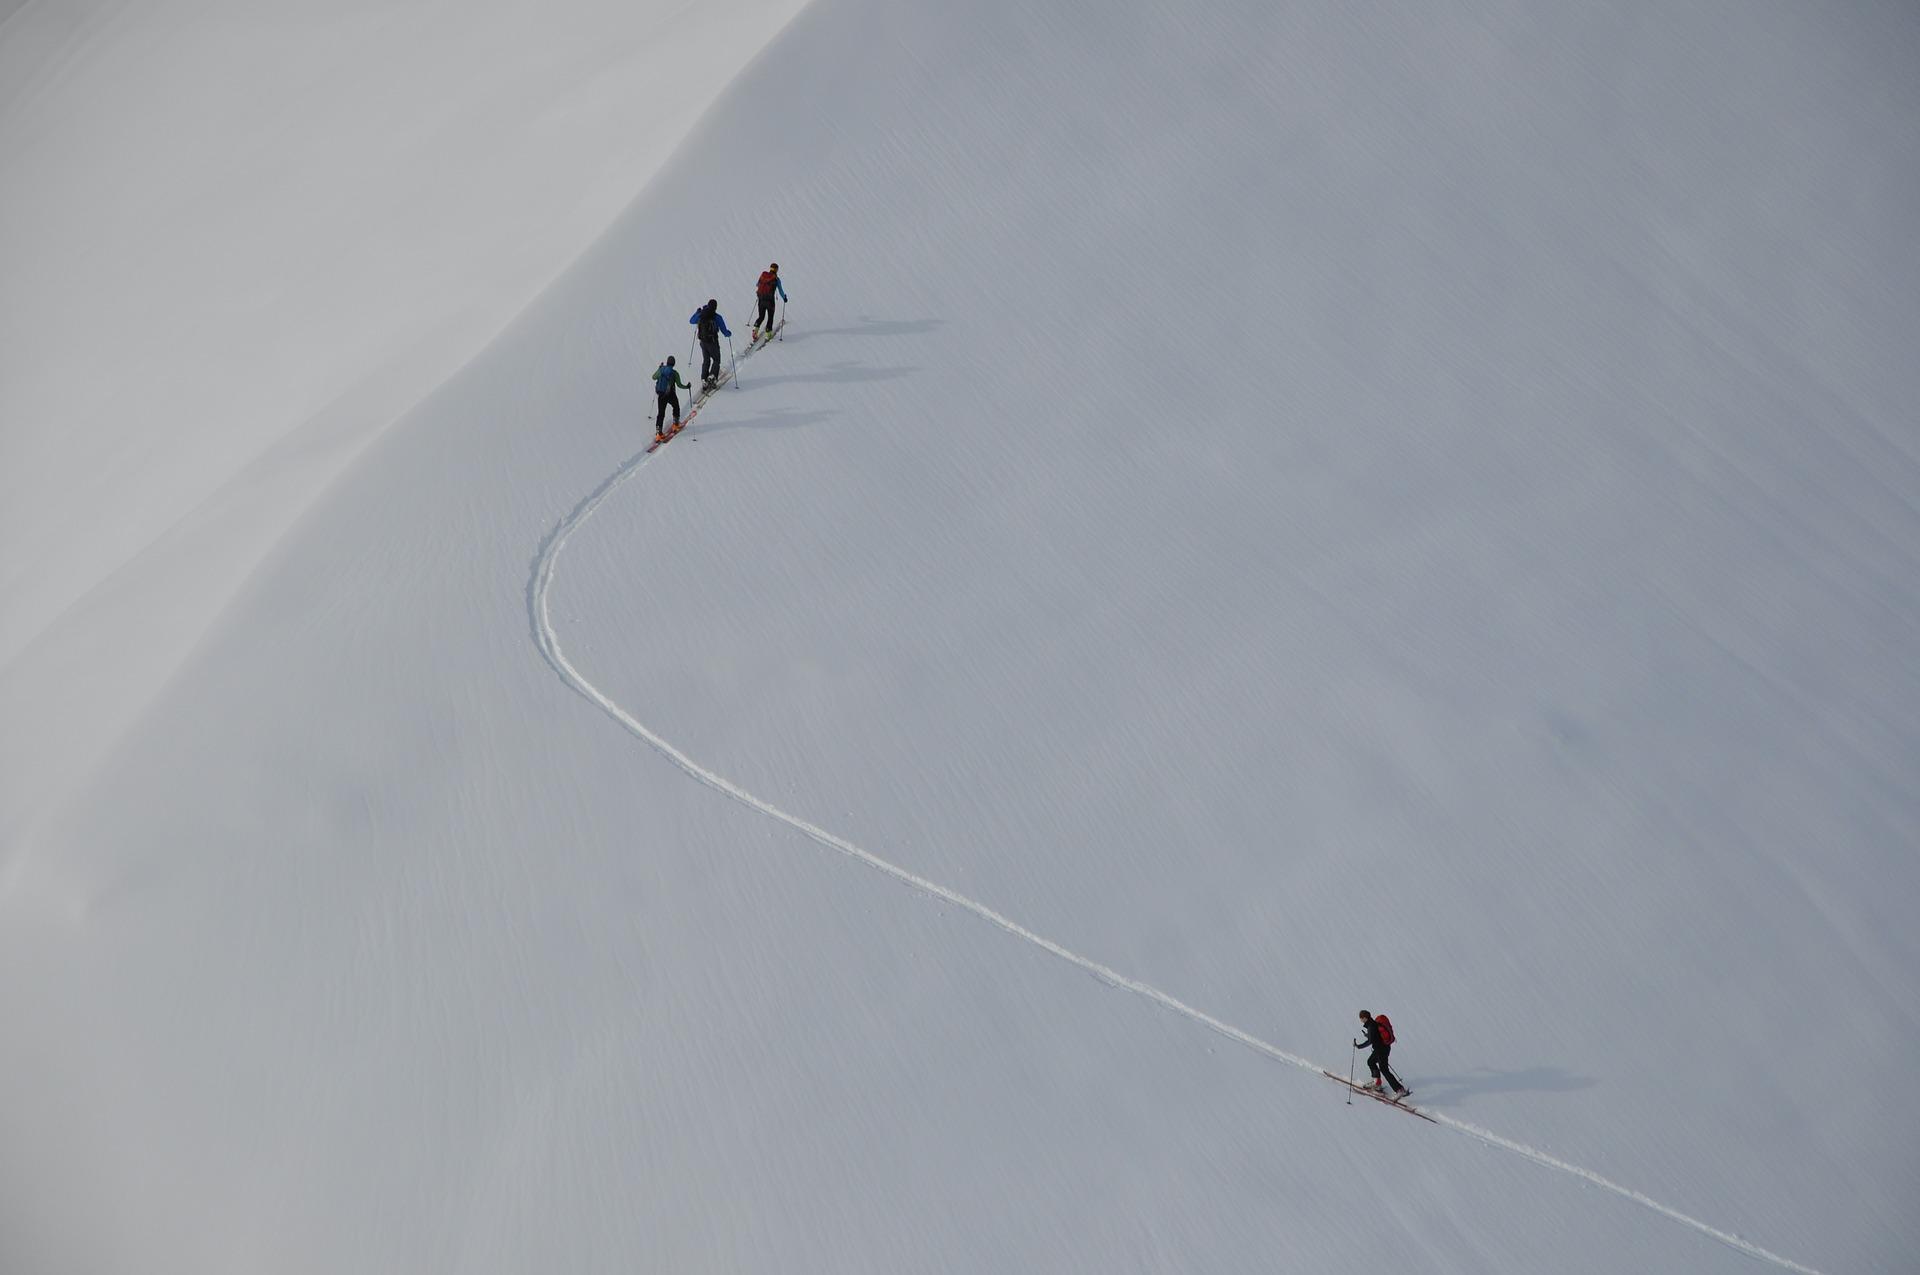 95214c3d592 Si lo que buscamos es mejorar nuestro sistema cardiovascular y  respiratorio, el esquí de fondo es especialmente conveniente, pues se trata  de un ejercicio ...